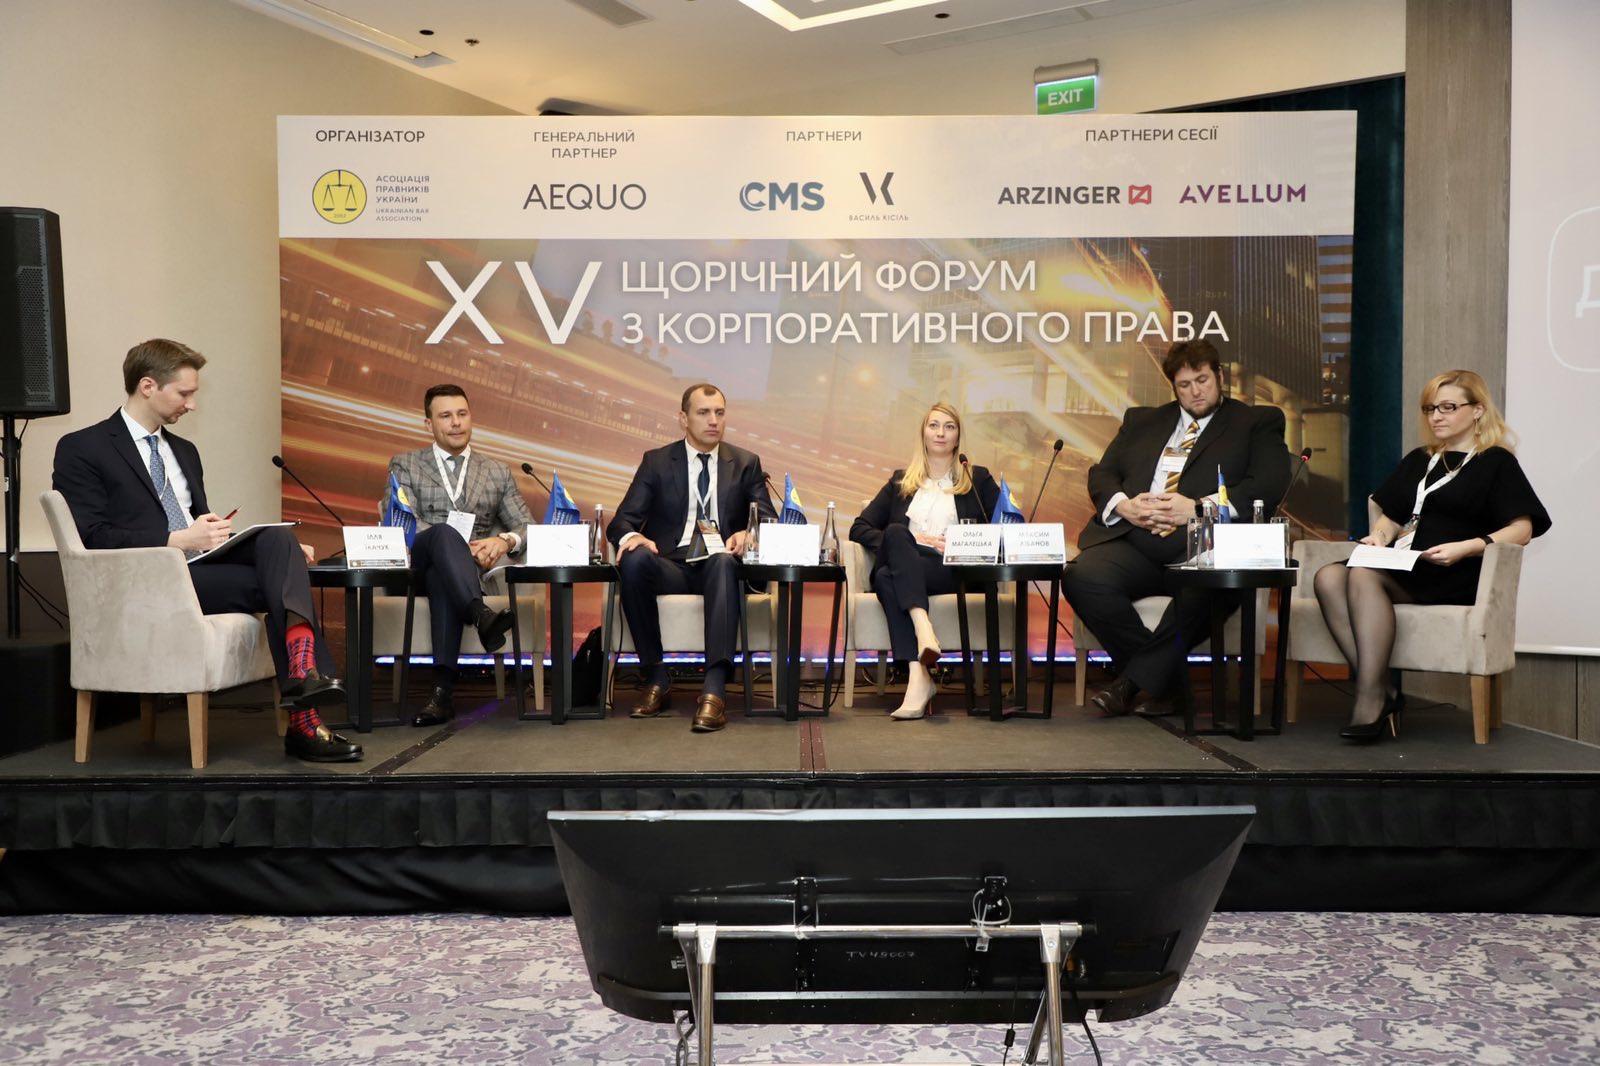 XV Щорічний форум з корпоративного права